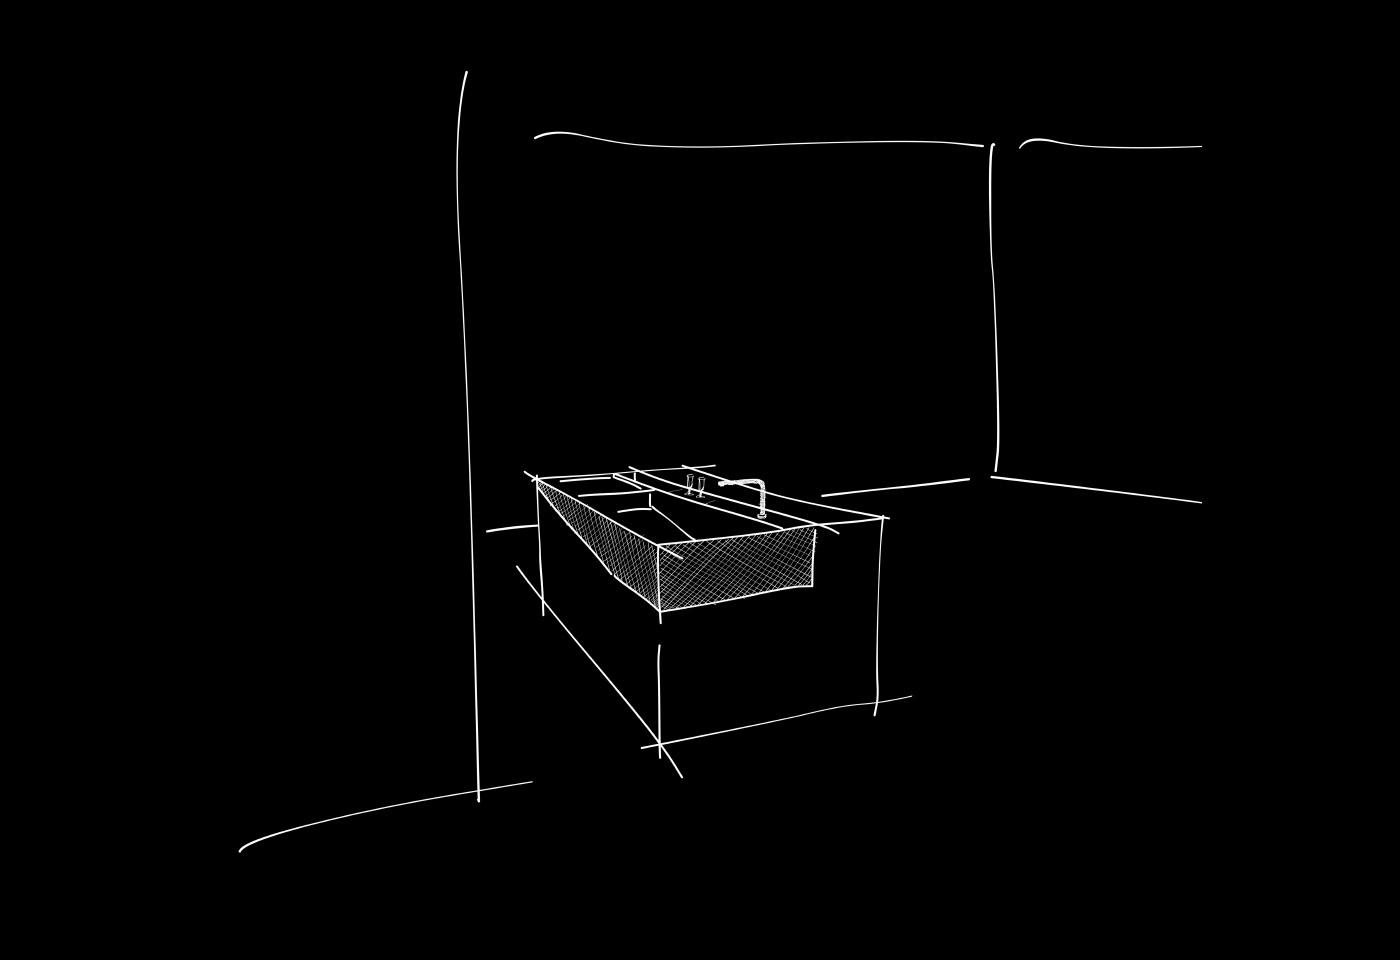 Die Skizze der mobilen Kochinsel in einfachen Handstrichen in schwarz weiss.